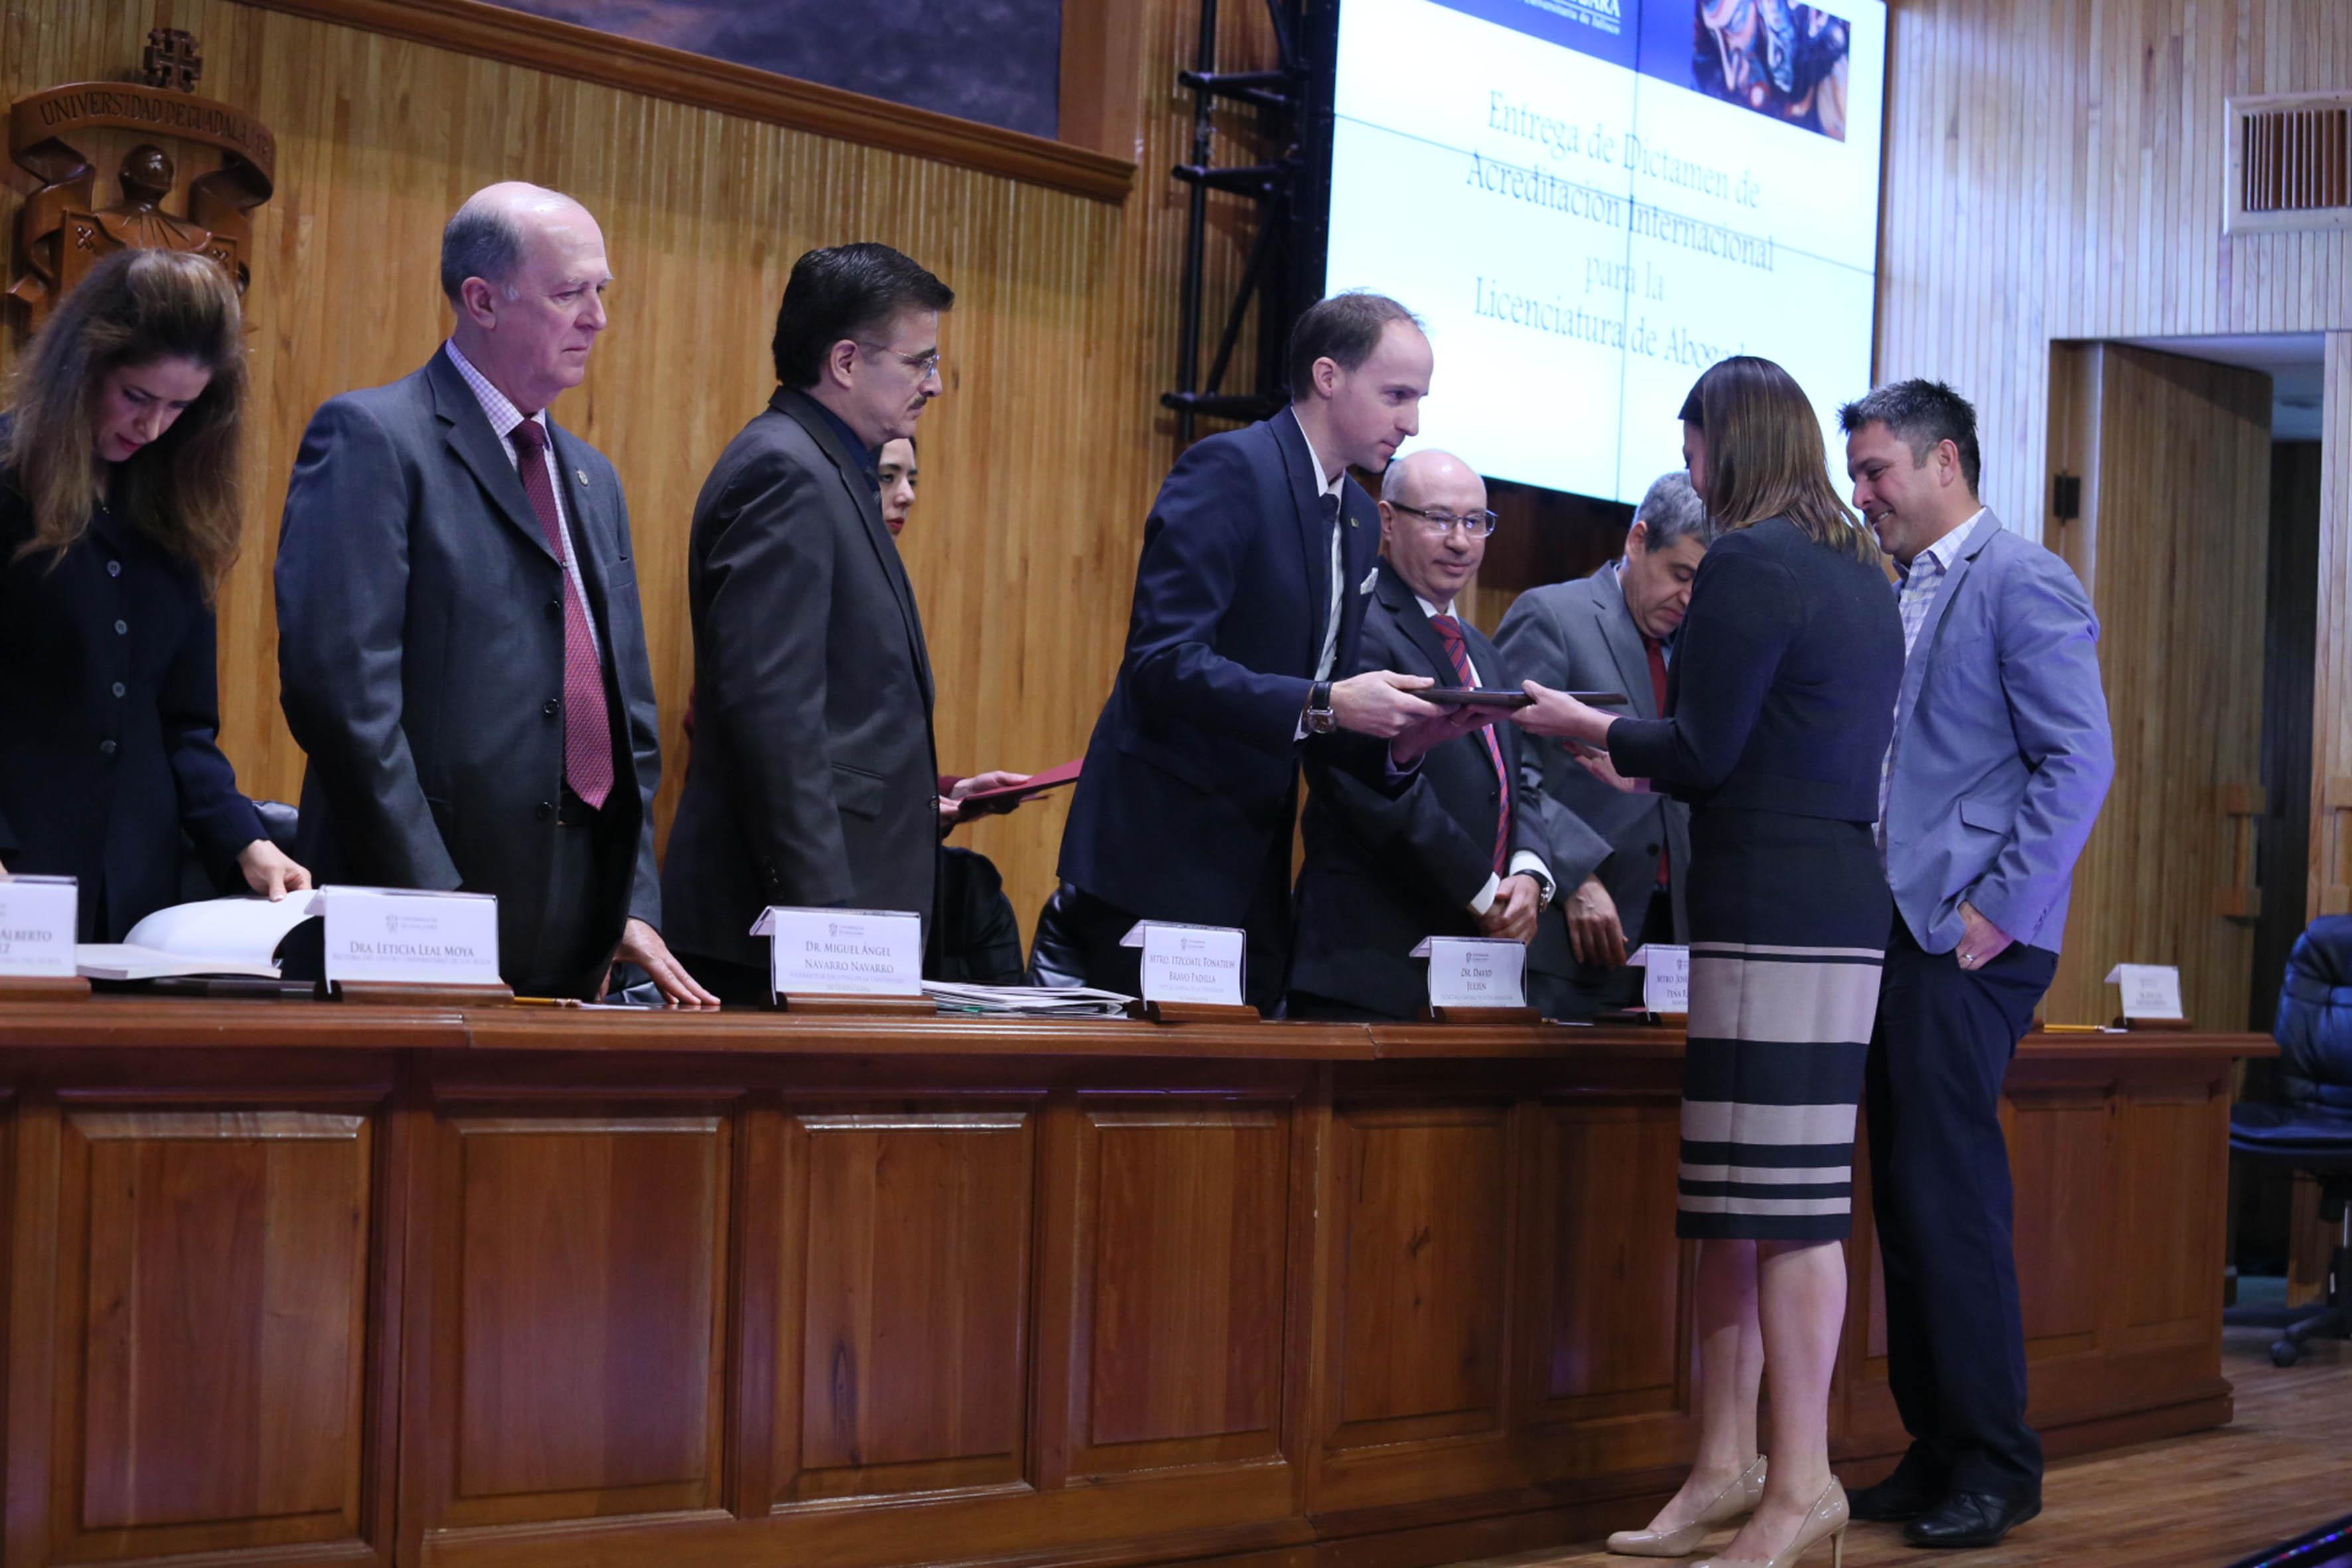 Rectora del CUCiénega, Mtra. María Felícitas Parga Jiménez, recibiendo reconocimiento por parte del Secretario General Ejecutivo de la OUI.